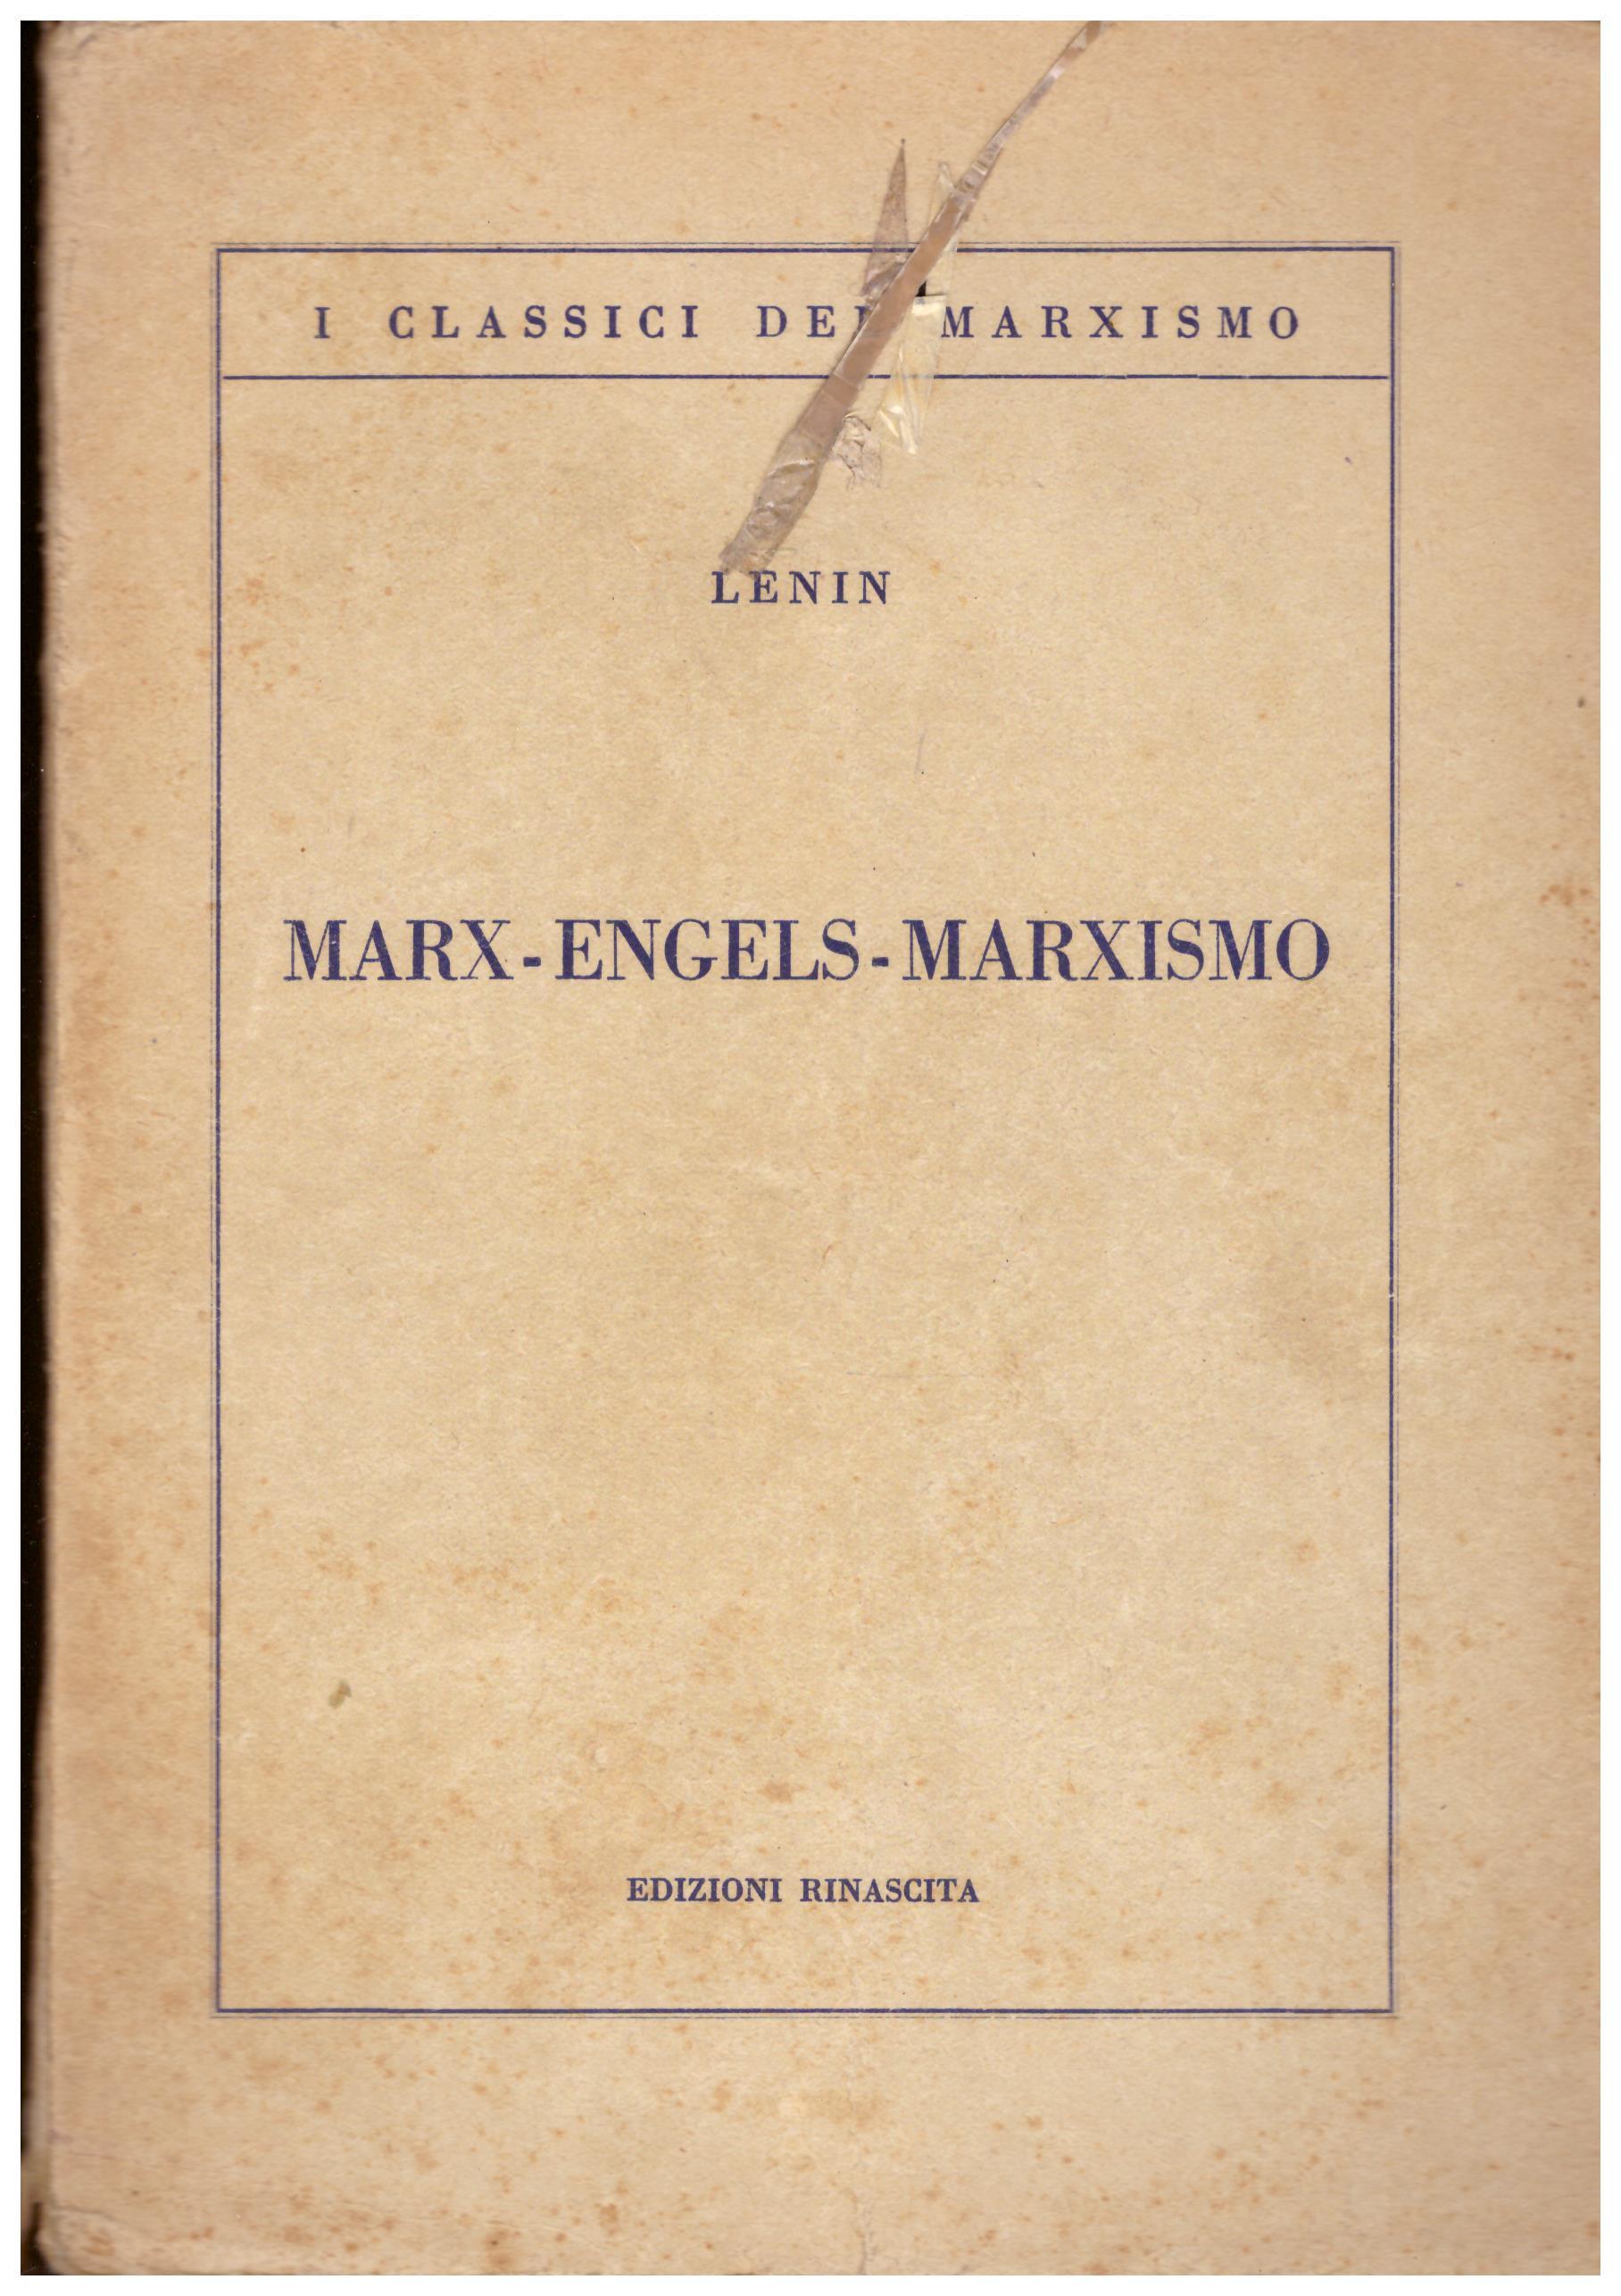 Titolo: Marx Engels Marxismo Autore: Lenin Editore: EDIZIONI RINASCITA